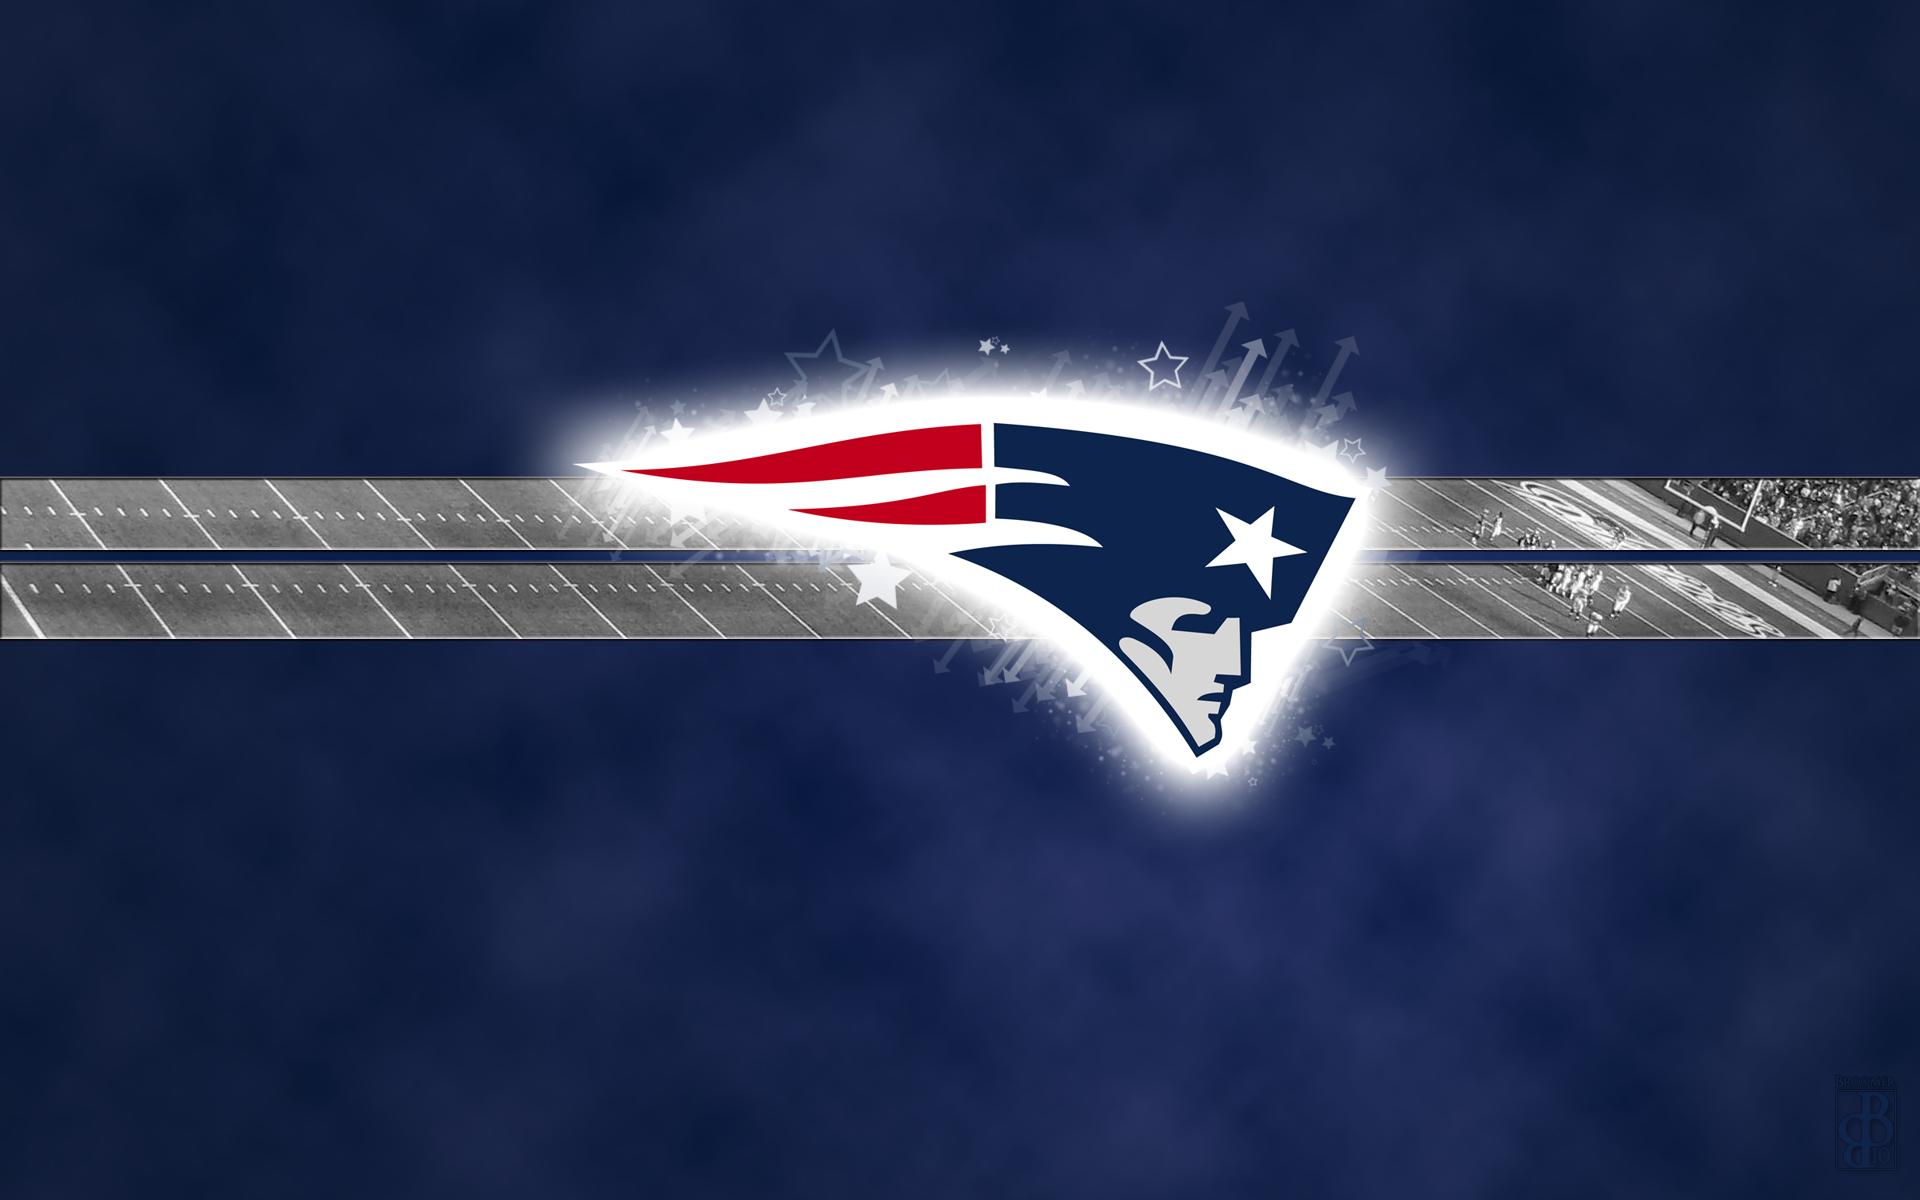 Patriots Football New England Patriots desktop wallpaper - Pro football team NFL